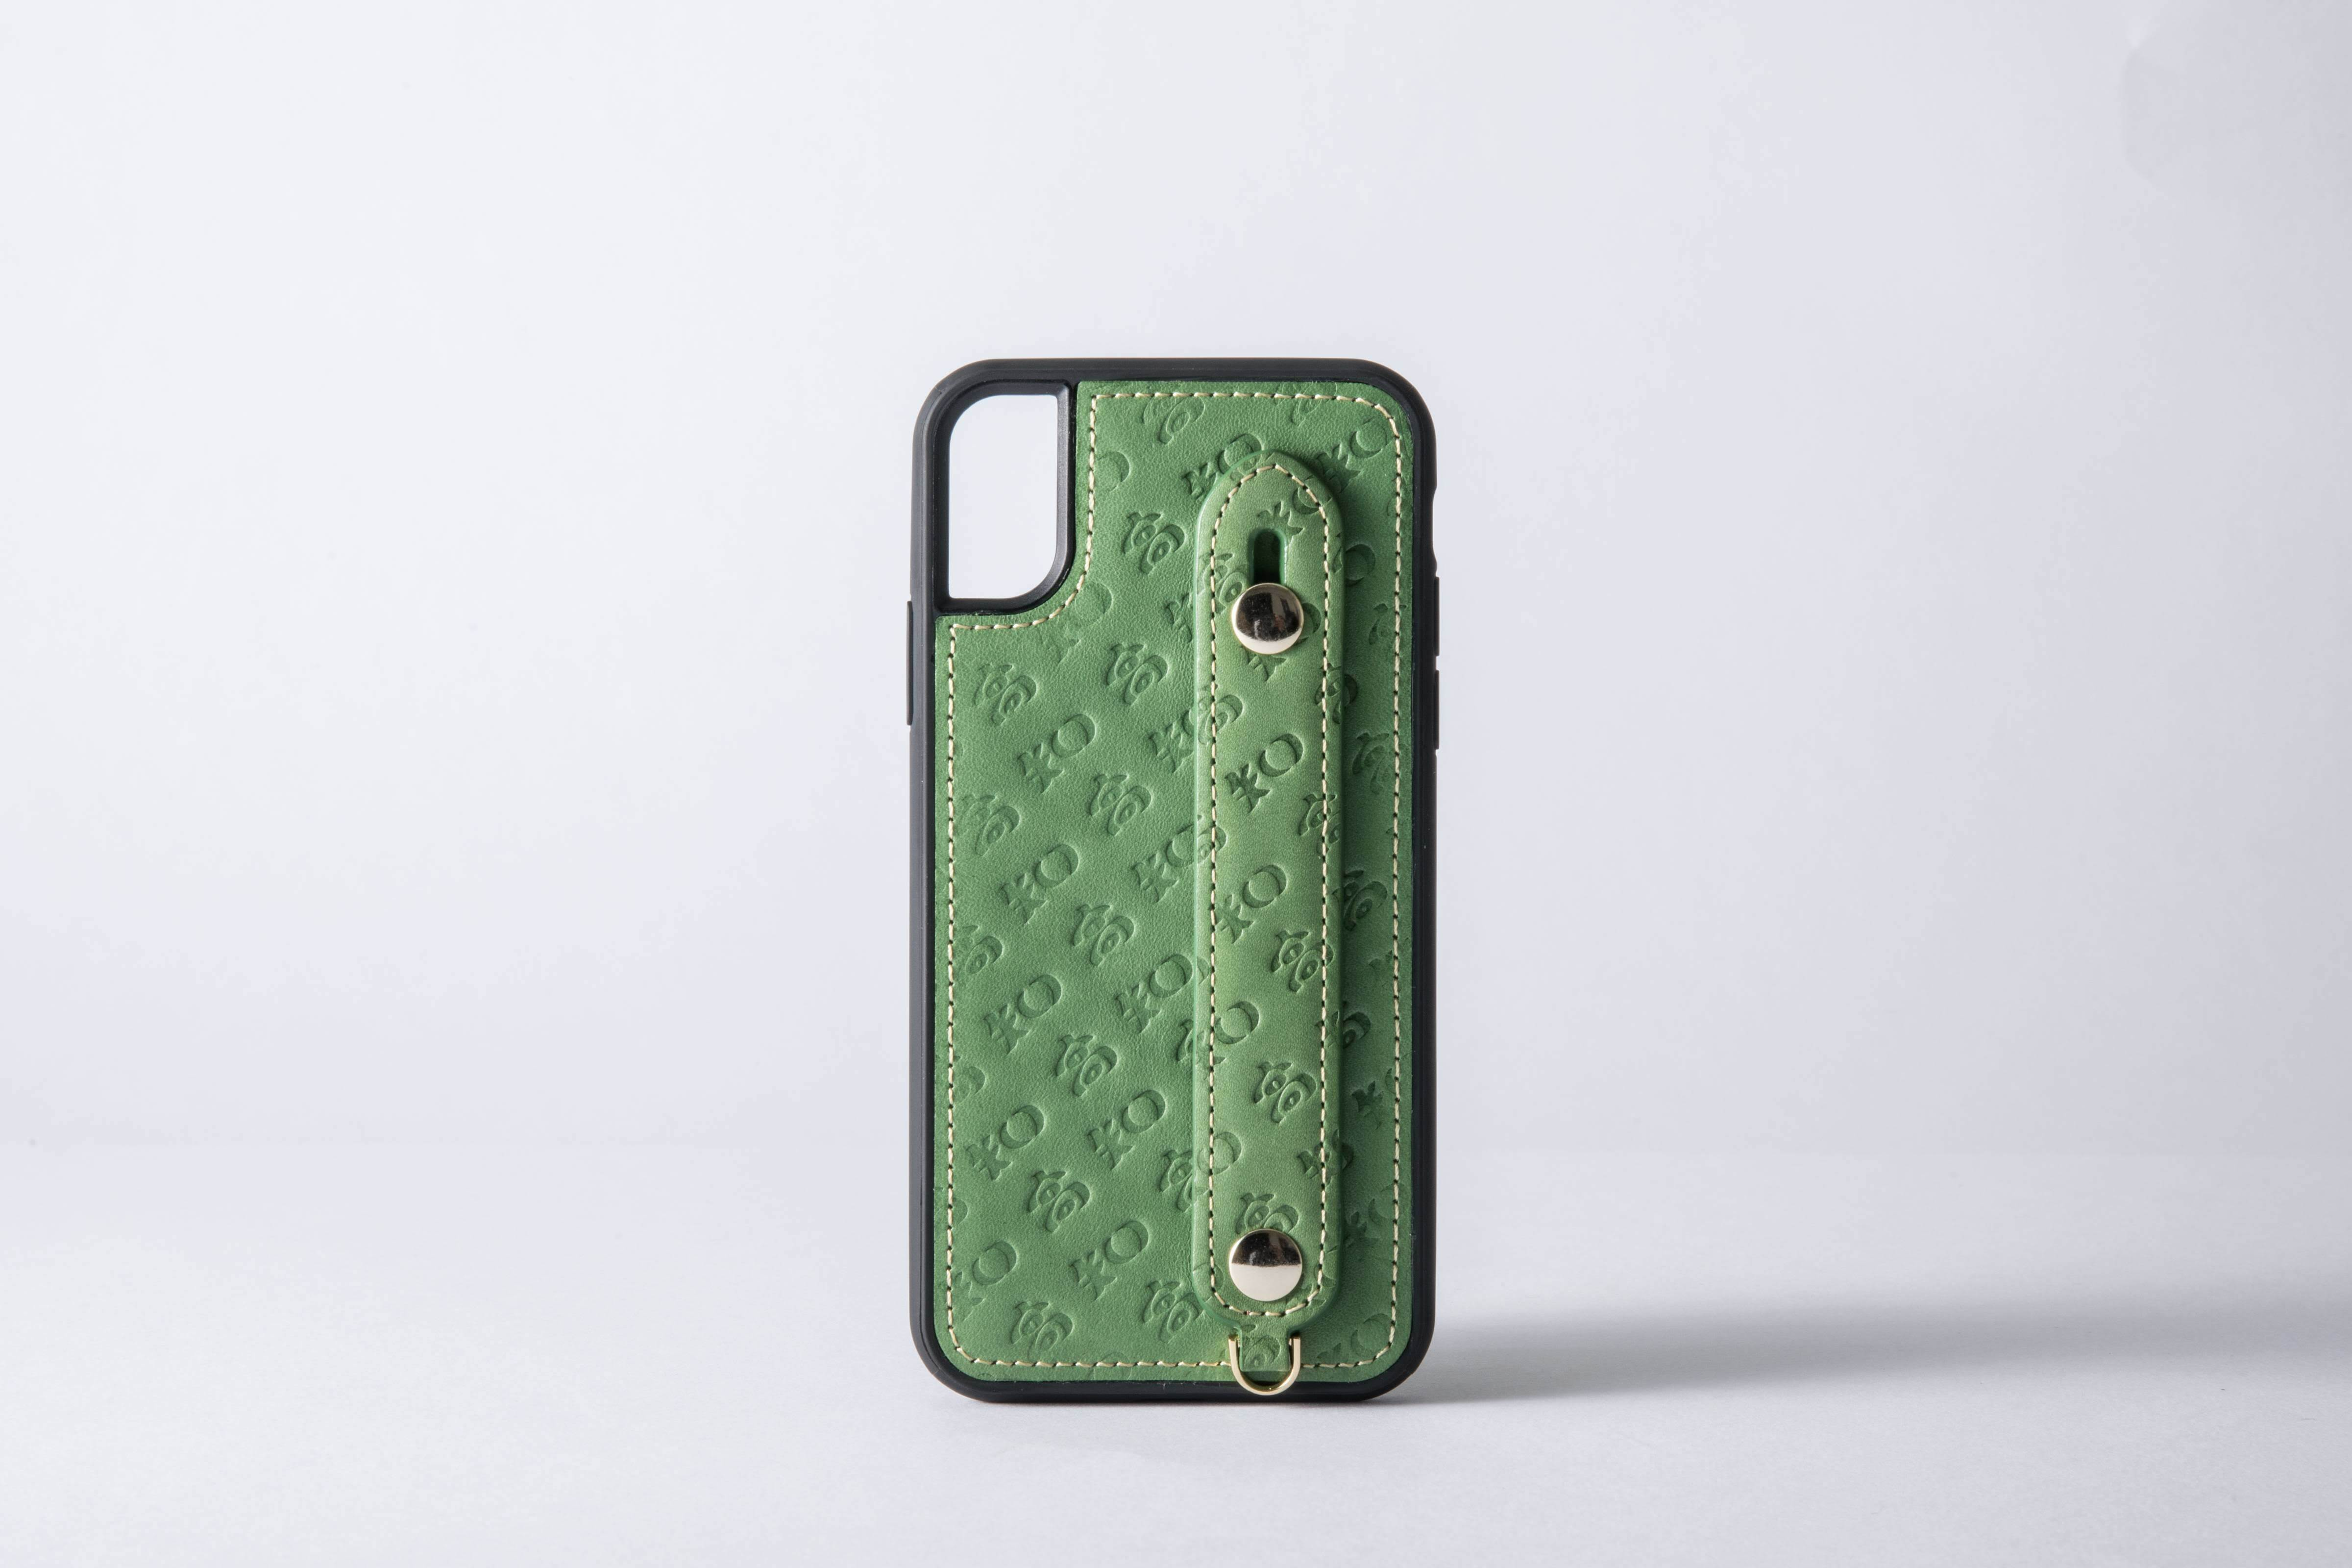 b793e72a47d3 高知のiPhoneケース(本革) グリーン(7/8、X/XS) 一週間以内での発送 ...